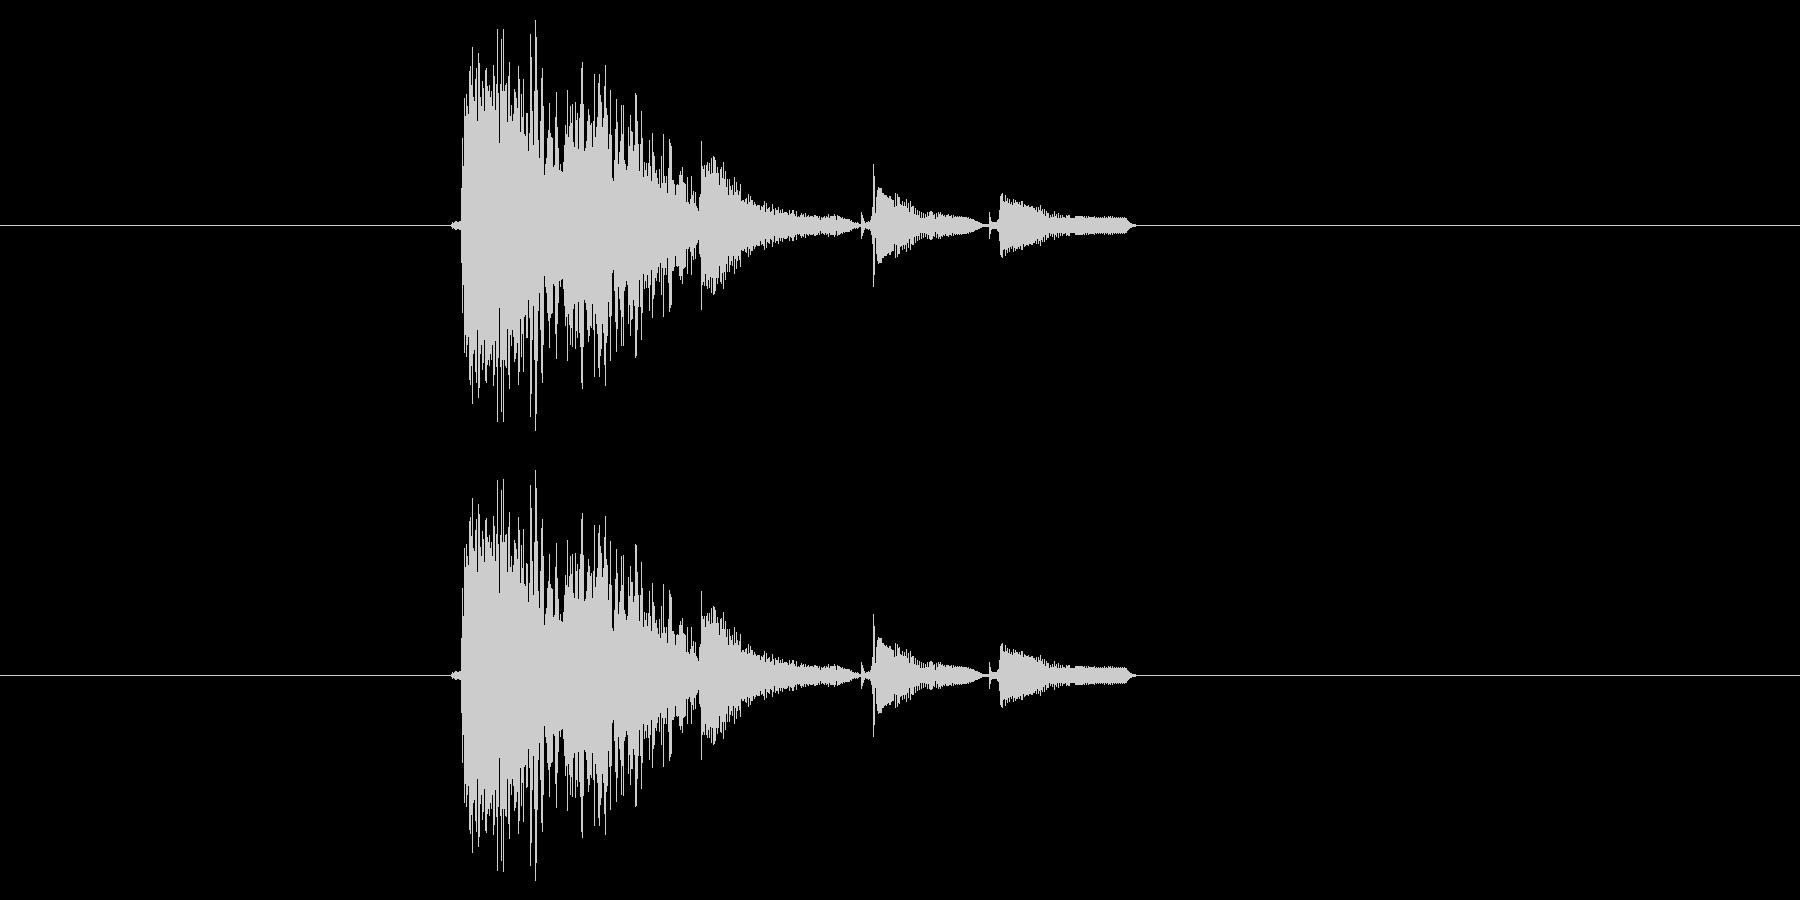 激しいポップス系短め音(番組、ジングル)の未再生の波形